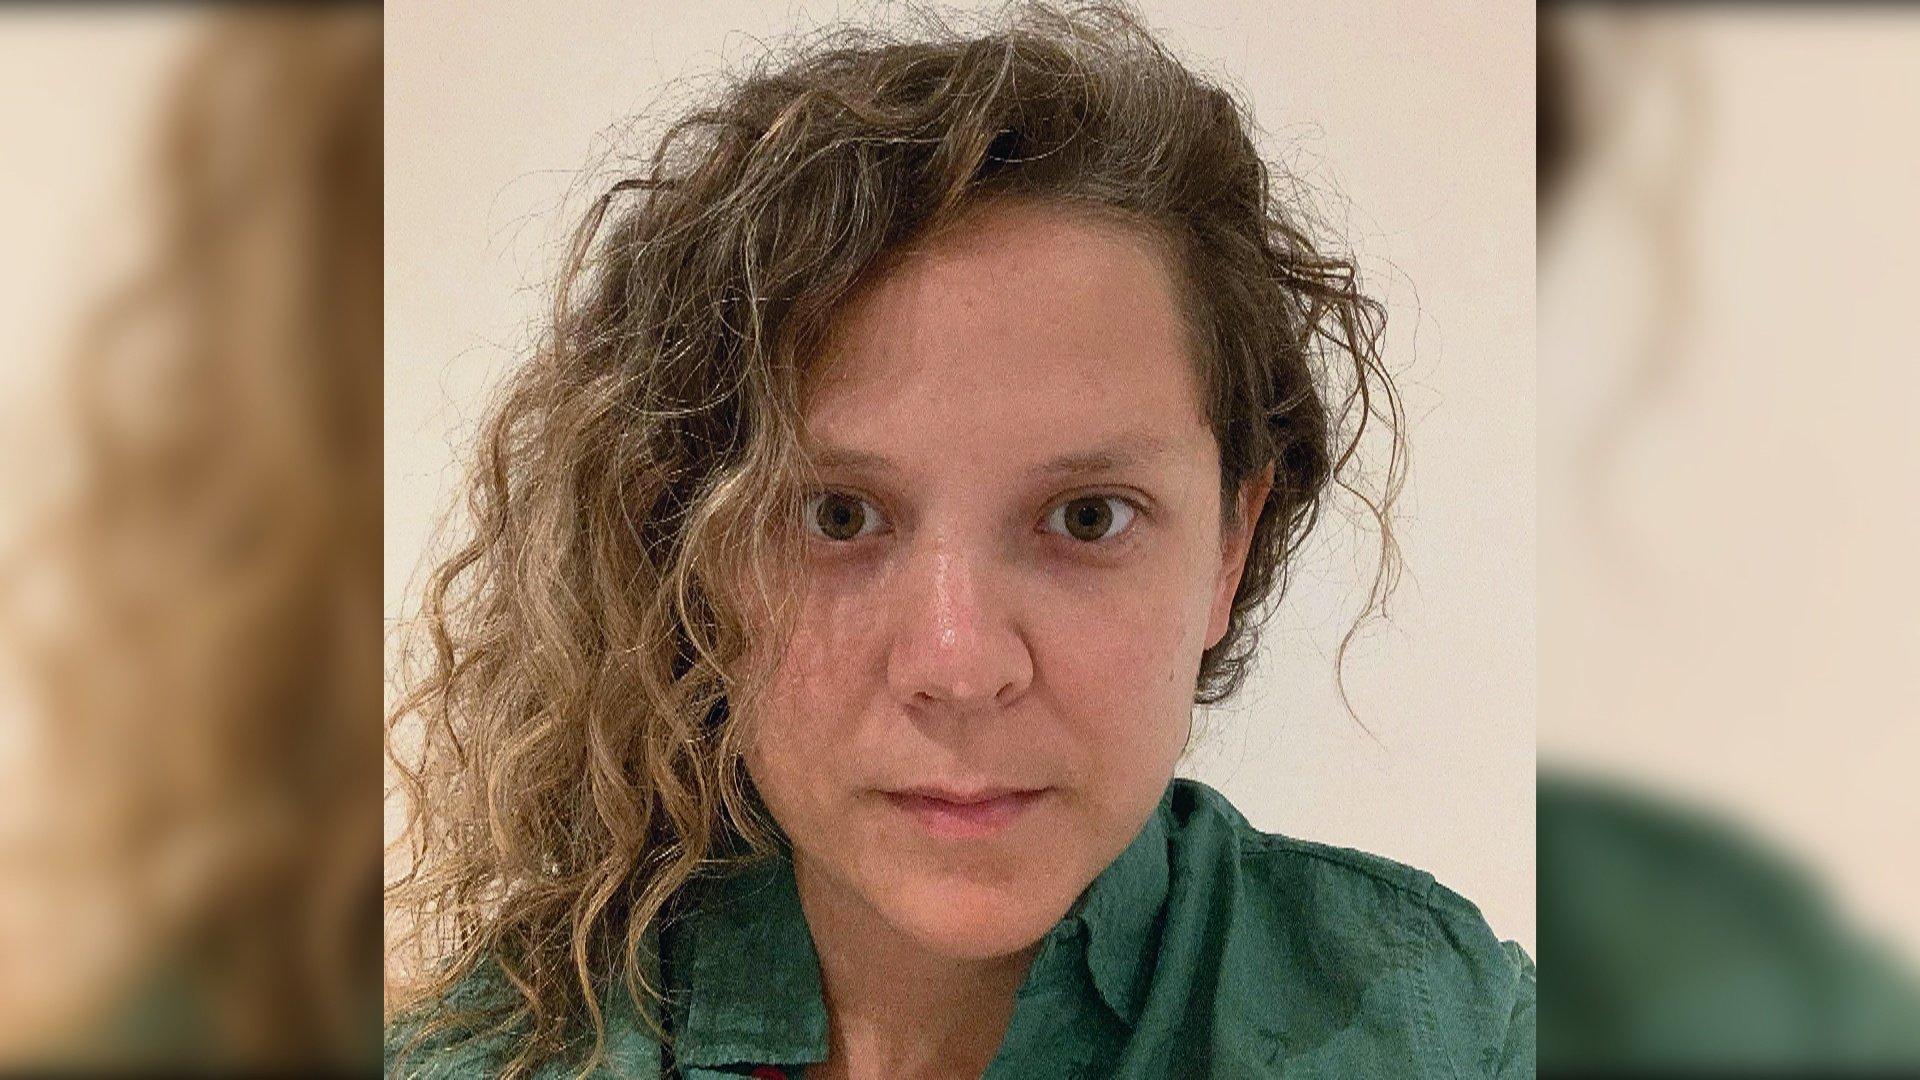 Silvia Puglisi